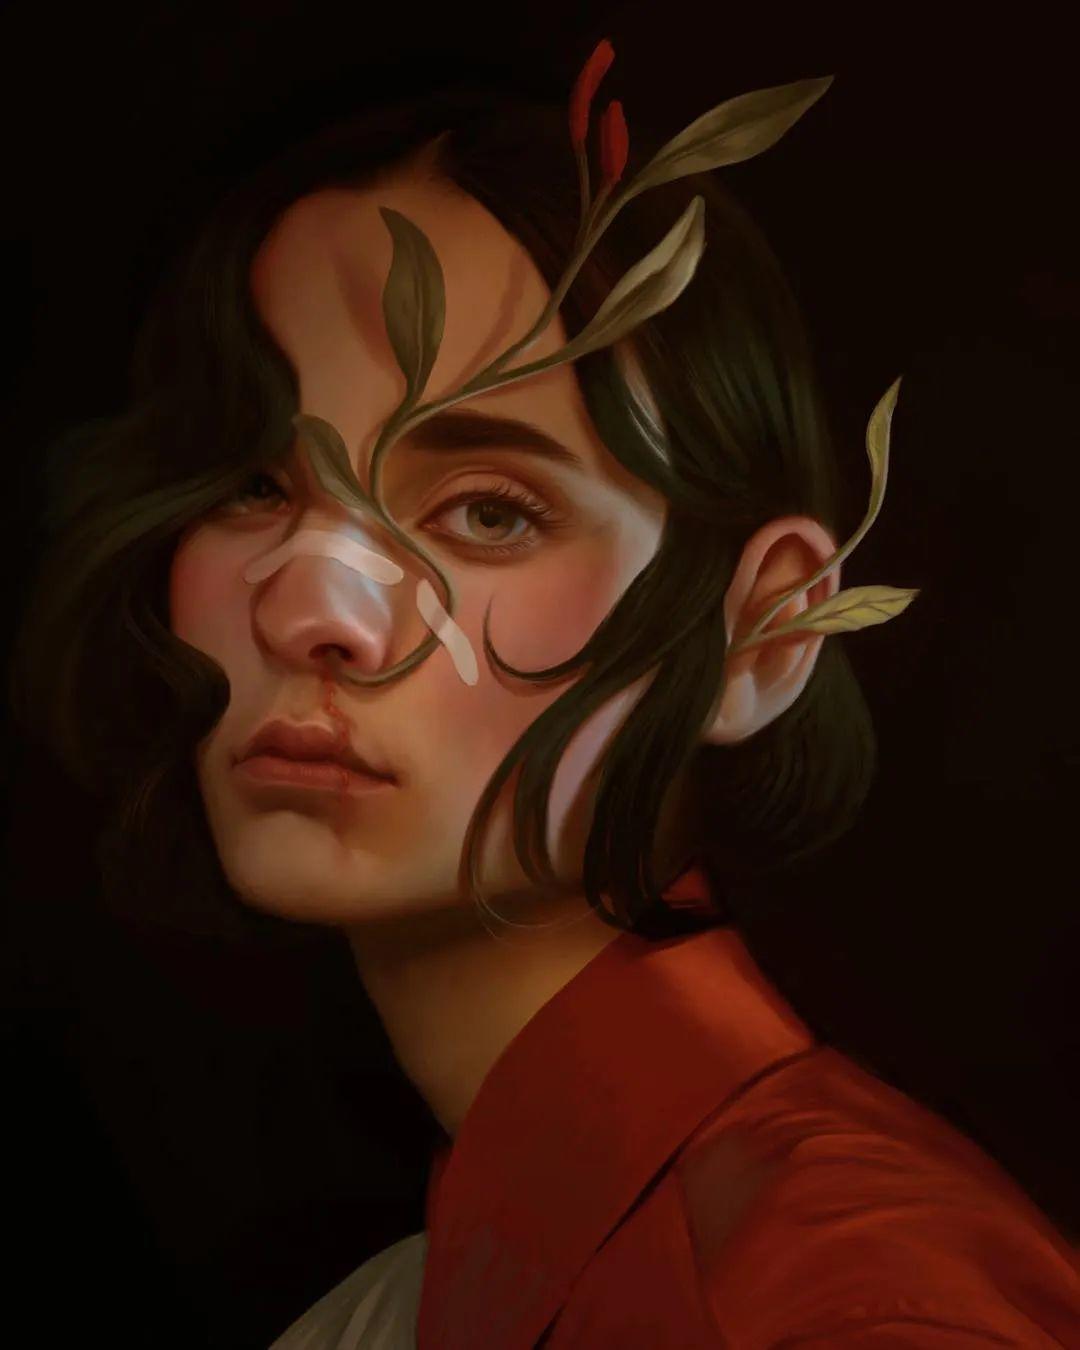 令人惊异的超现实主义肖像画,好有创意!插图39